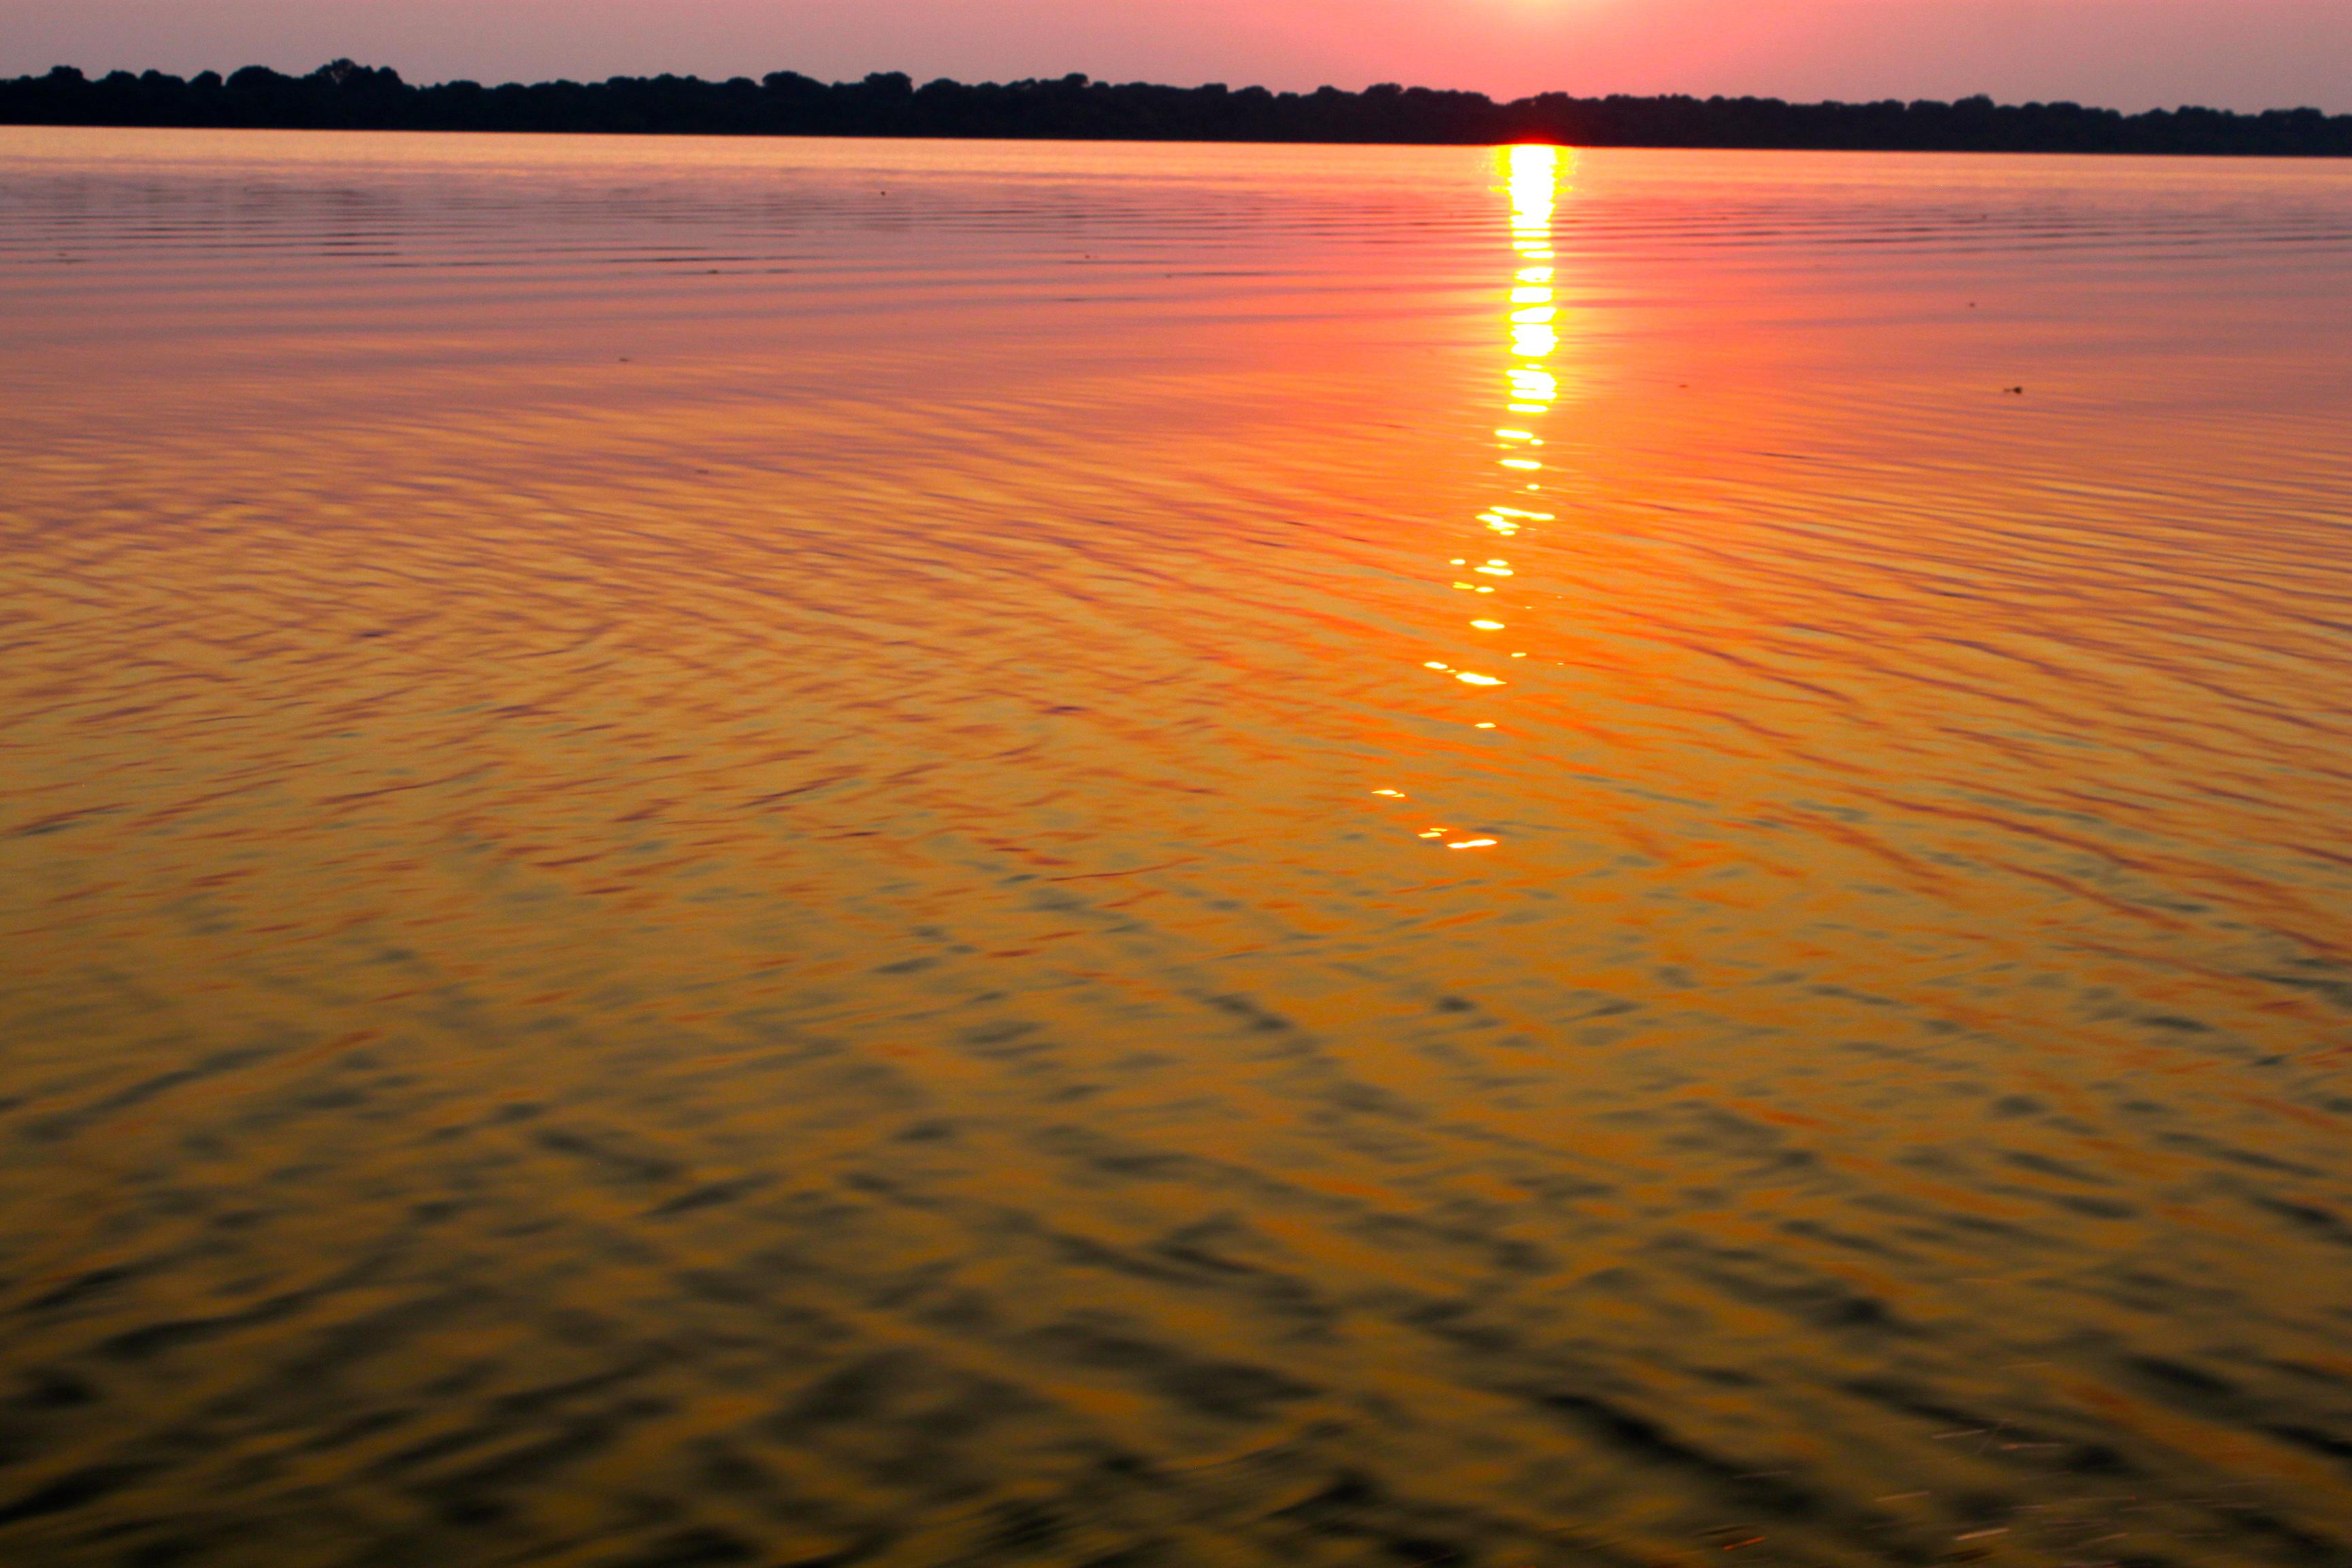 Sunrise in the Amazon